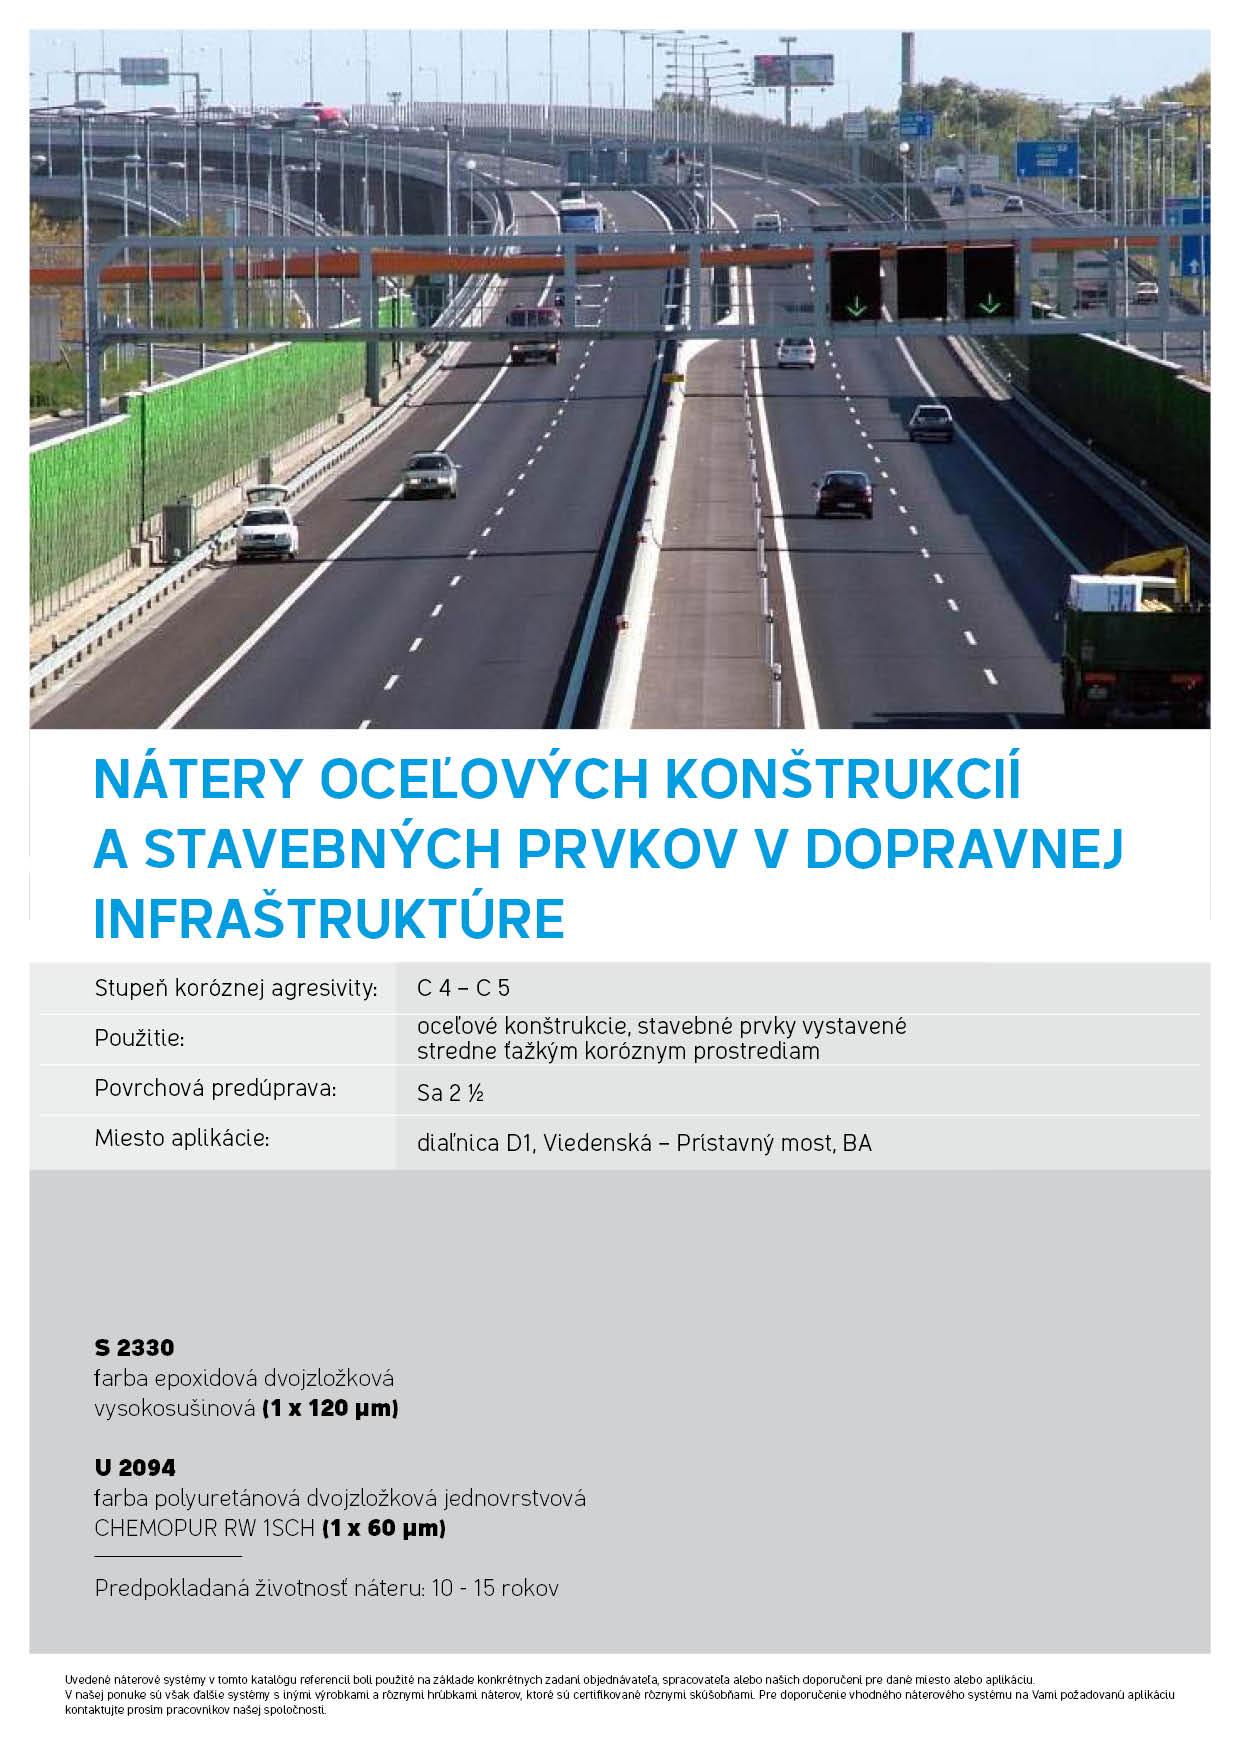 nátery oceľových konštrukcií a stavebných prvkov v dopravnej infraštruktúre Chemolakom